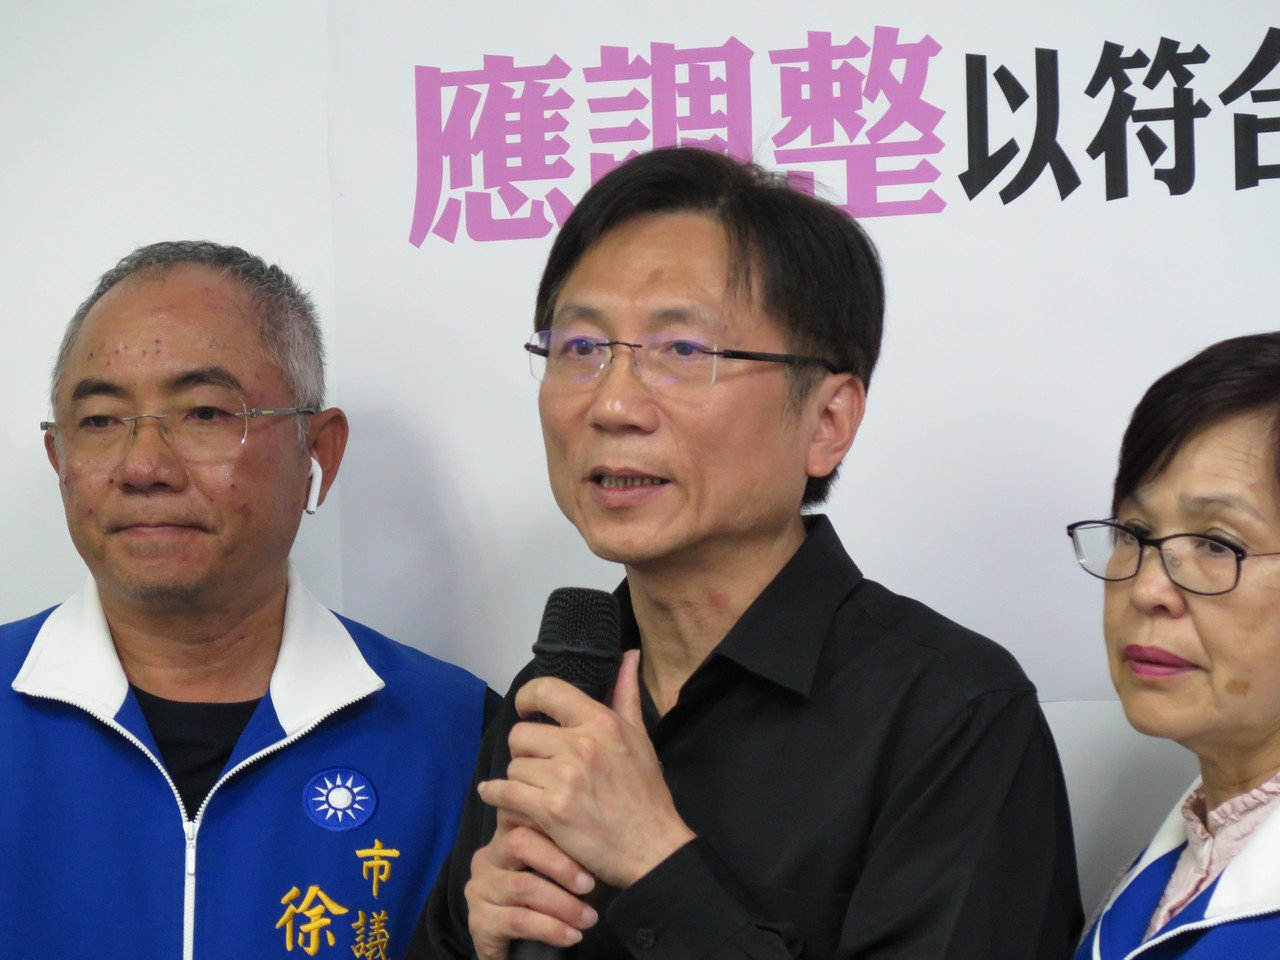 市议员詹江村(中)说不满不分区名单人选,今天表示将参选第一选区立委。图/本报资料...